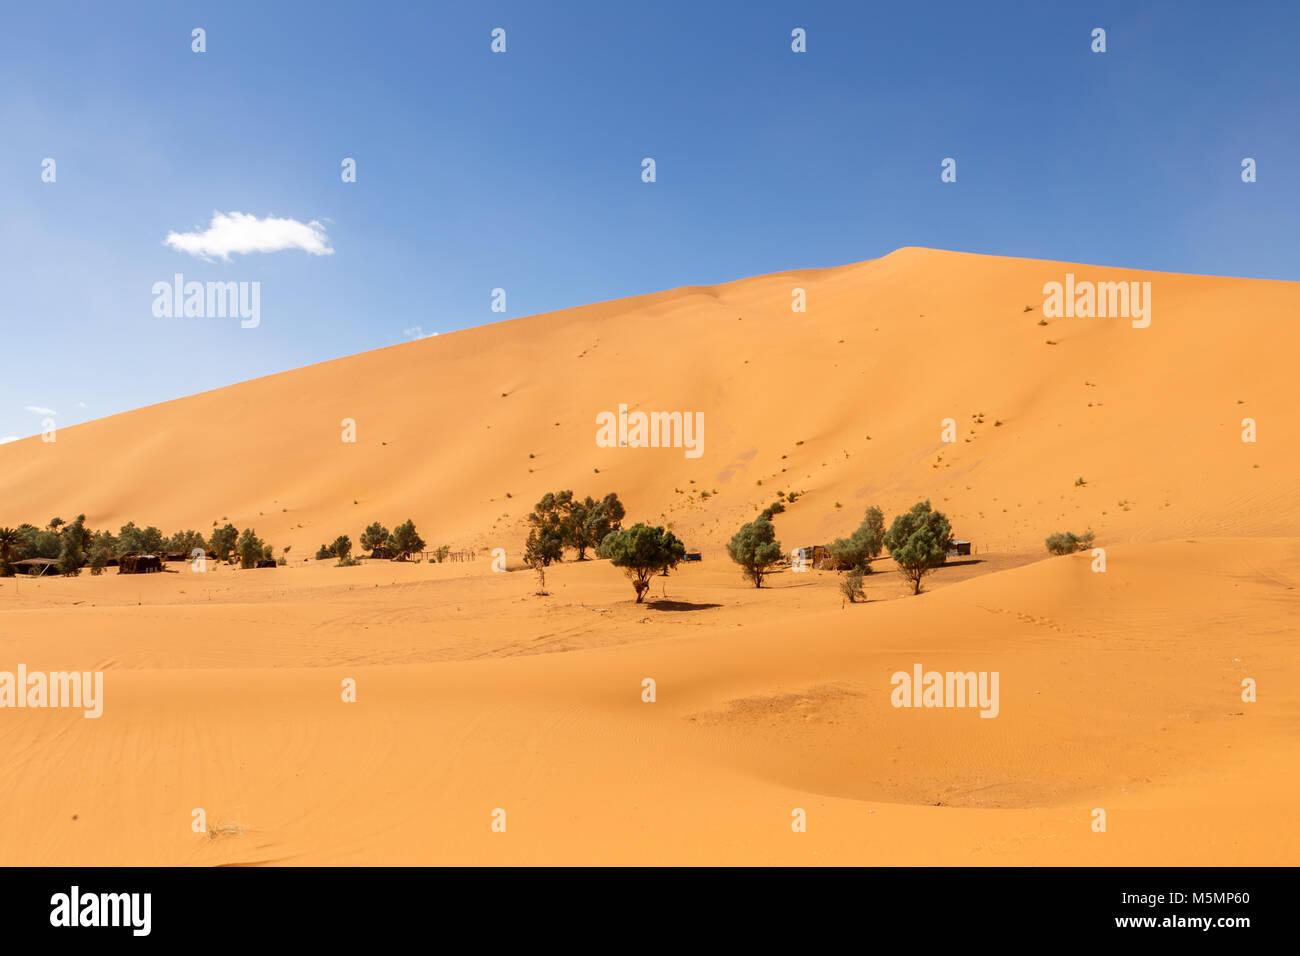 oasis in the Sahara desert, Erg Shebbi dunes - Stock Image